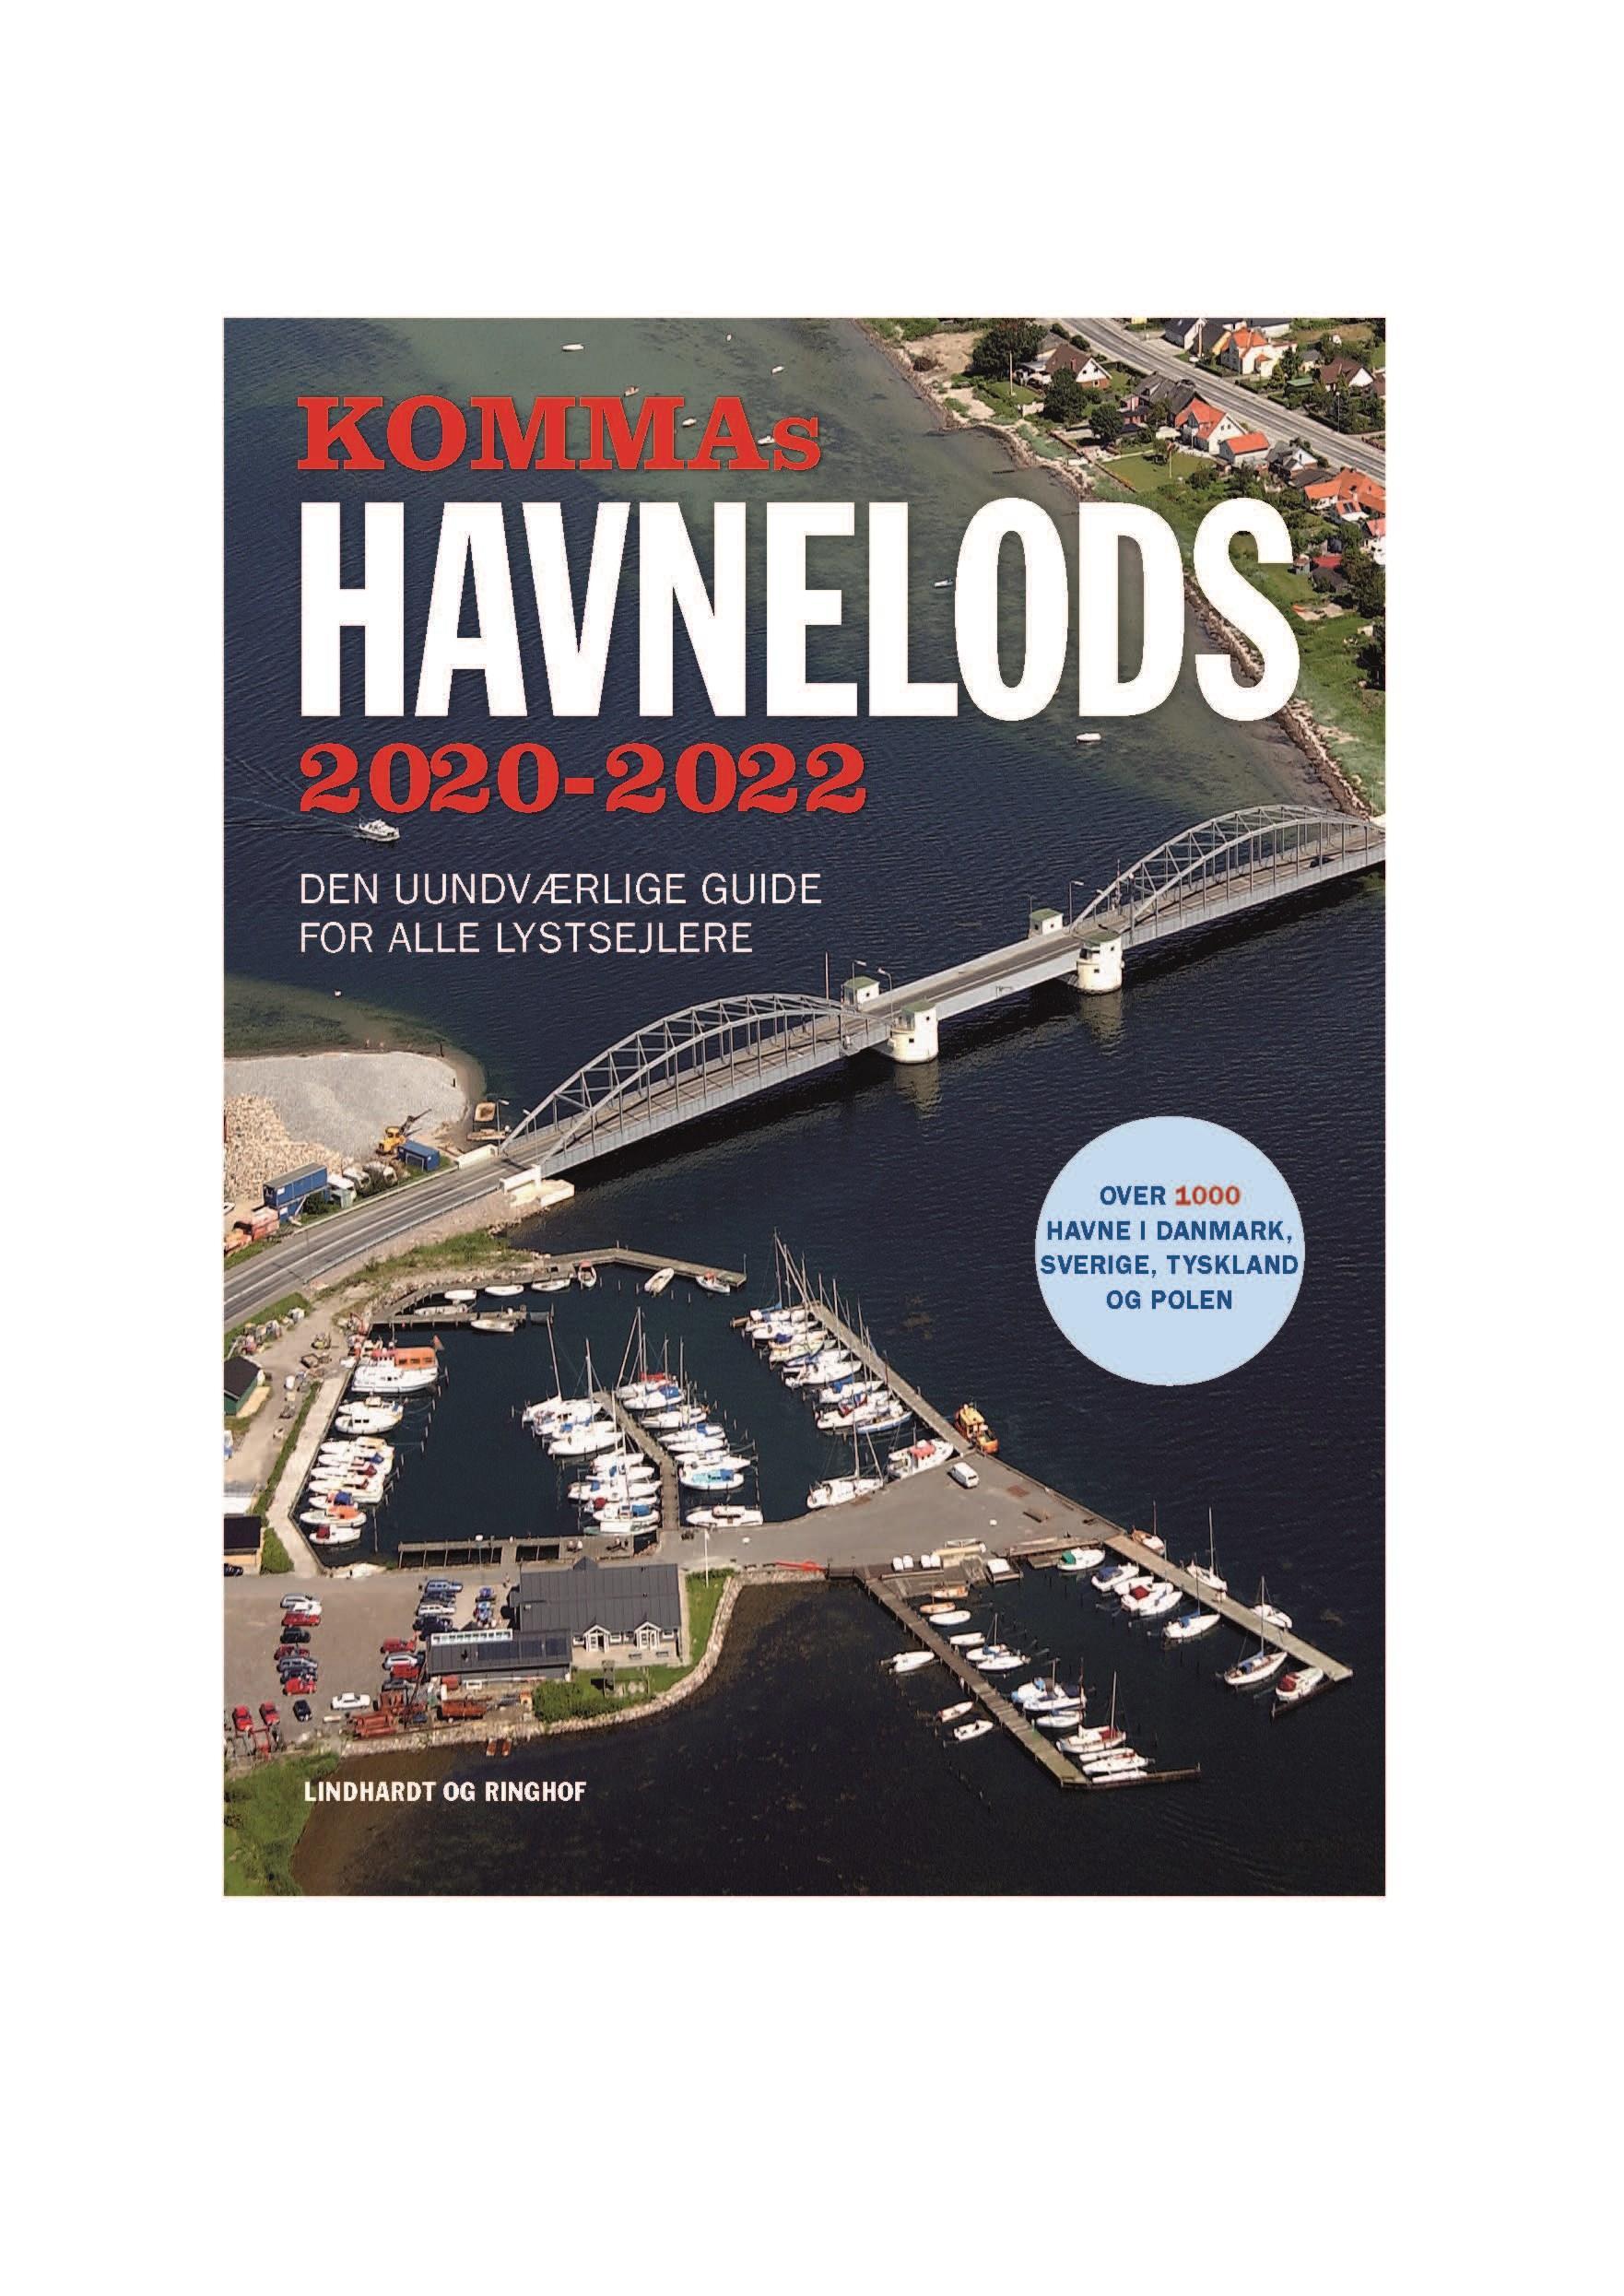 Kommas havnelods 2020-2022 - Janne Poulsen; Ted Gräslund - Bøger - Lindhardt og Ringhof - 9788711917121 - 23/4-2020